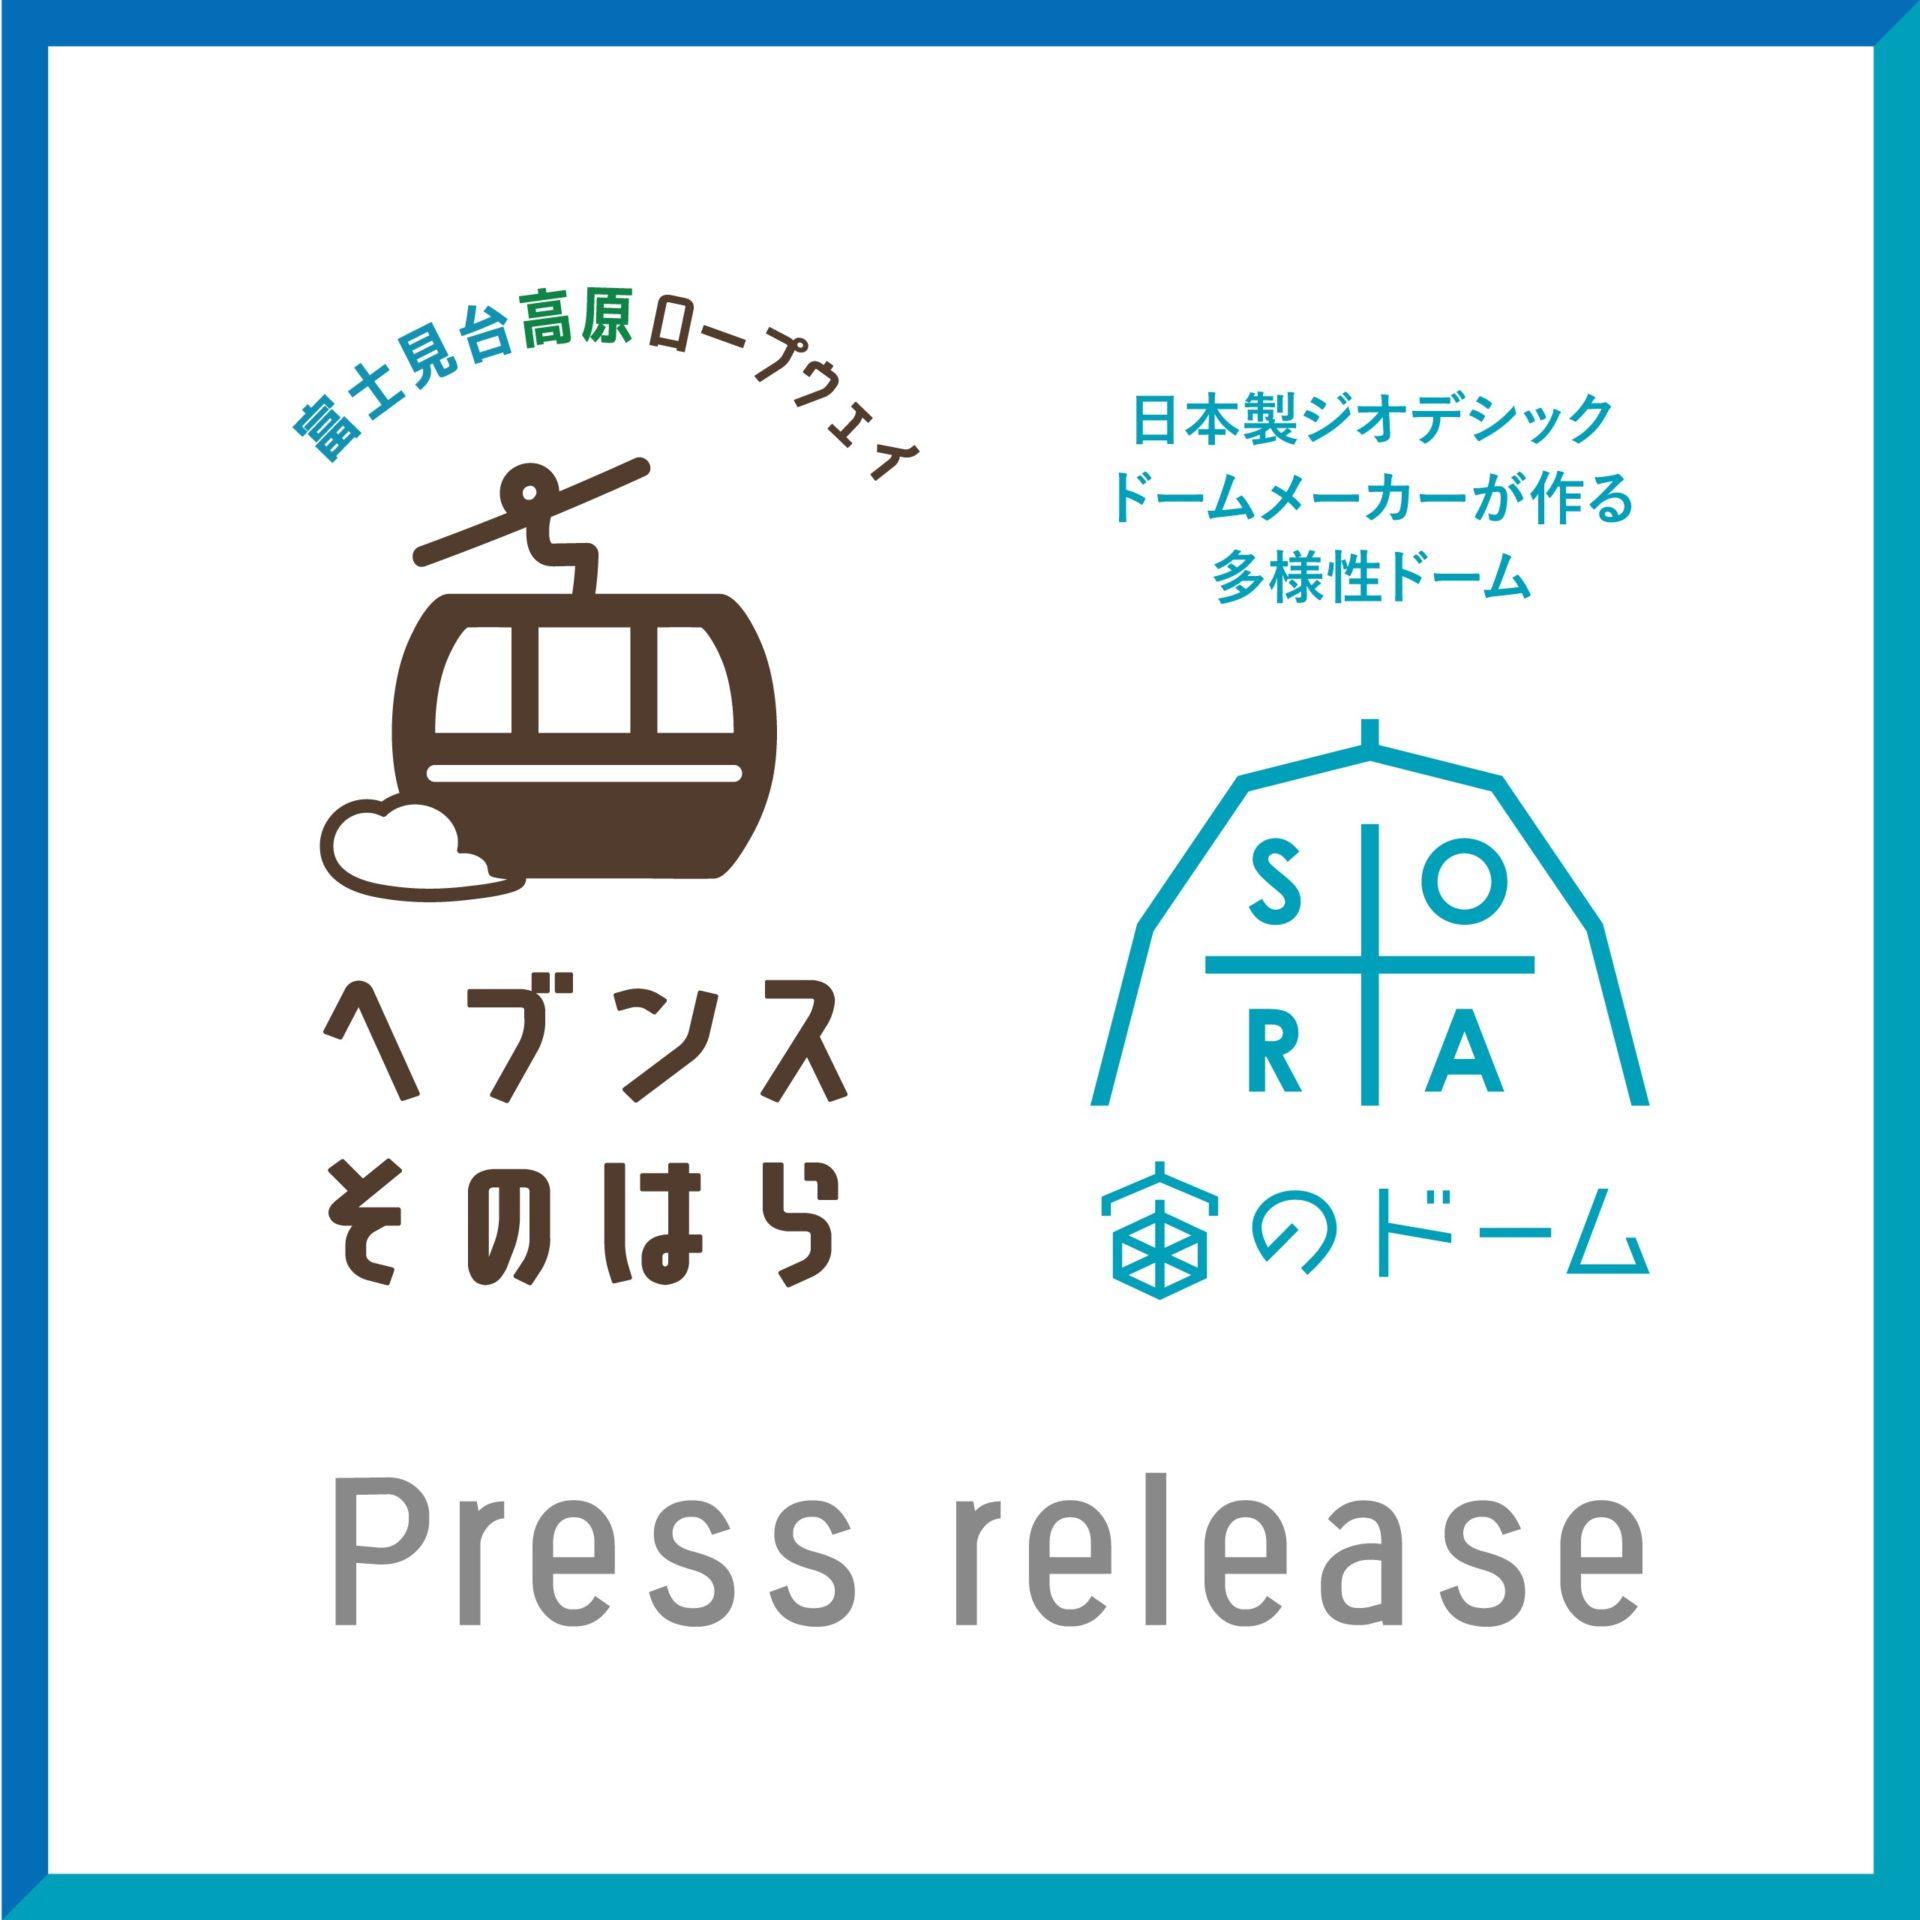 [プレスリリース]宙のドーム×ヘブンス...